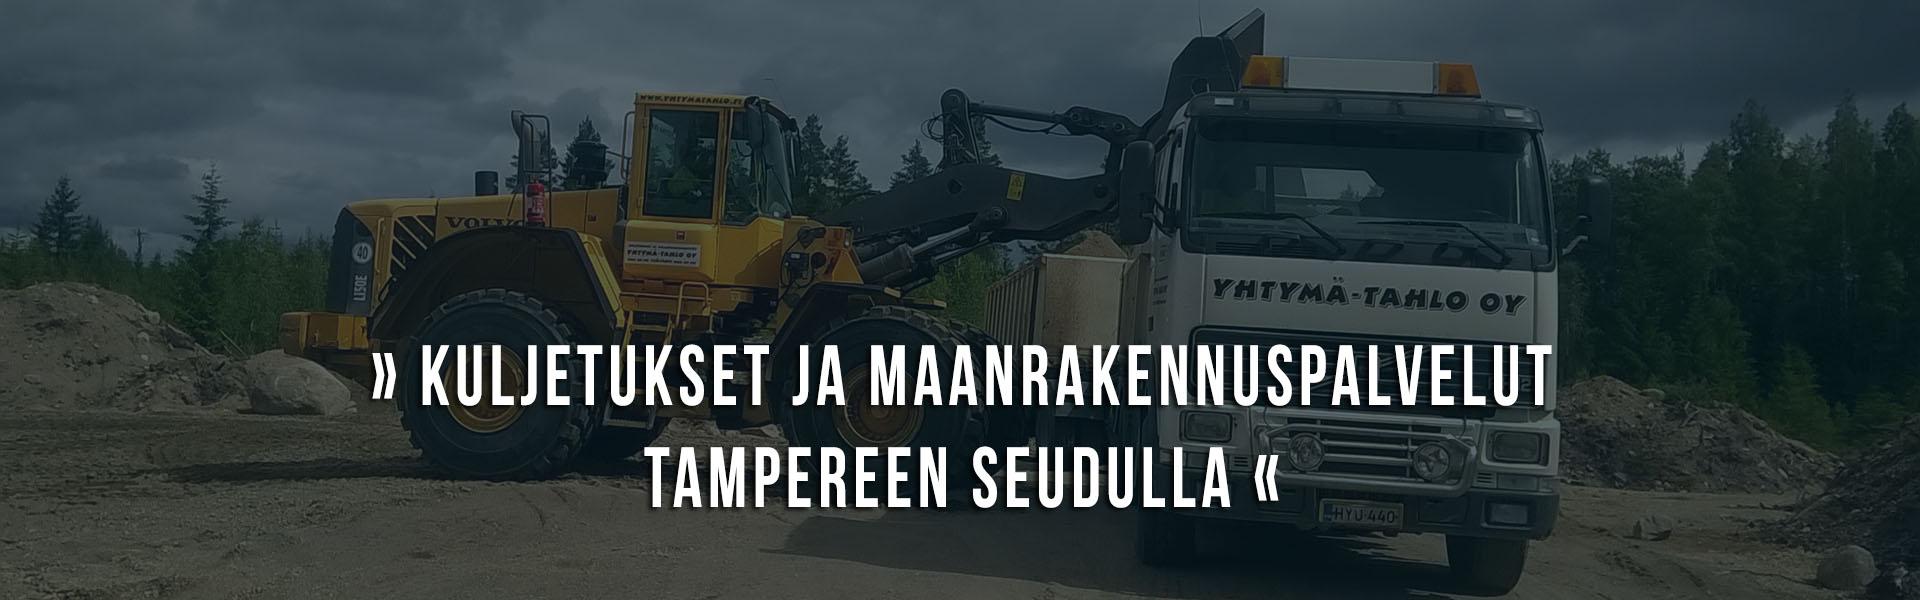 Kuljetus- ja maanrakennuspalvelut Tampereen seudulla - Yhtymä-Tahlo Oy, Ylöjärvi